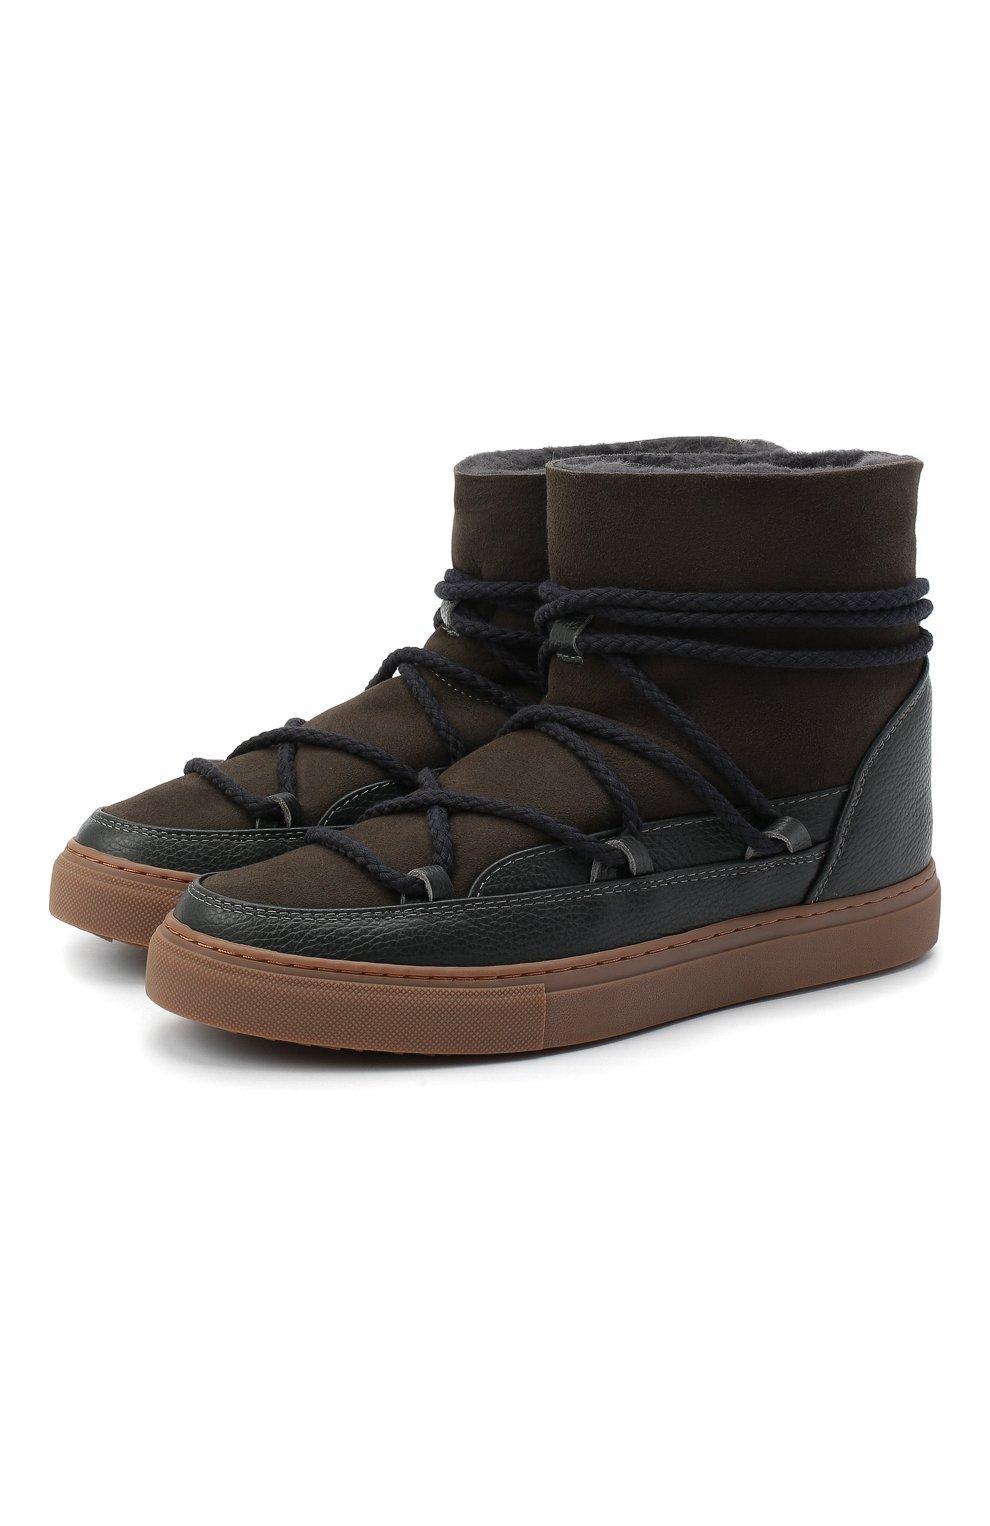 Мужские замшевые сапоги INUIKII коричневого цвета, арт. 50202-1 | Фото 1 (Материал утеплителя: Натуральный мех; Мужское Кросс-КТ: зимние сапоги, Сапоги-обувь; Подошва: Массивная; Материал внешний: Замша)